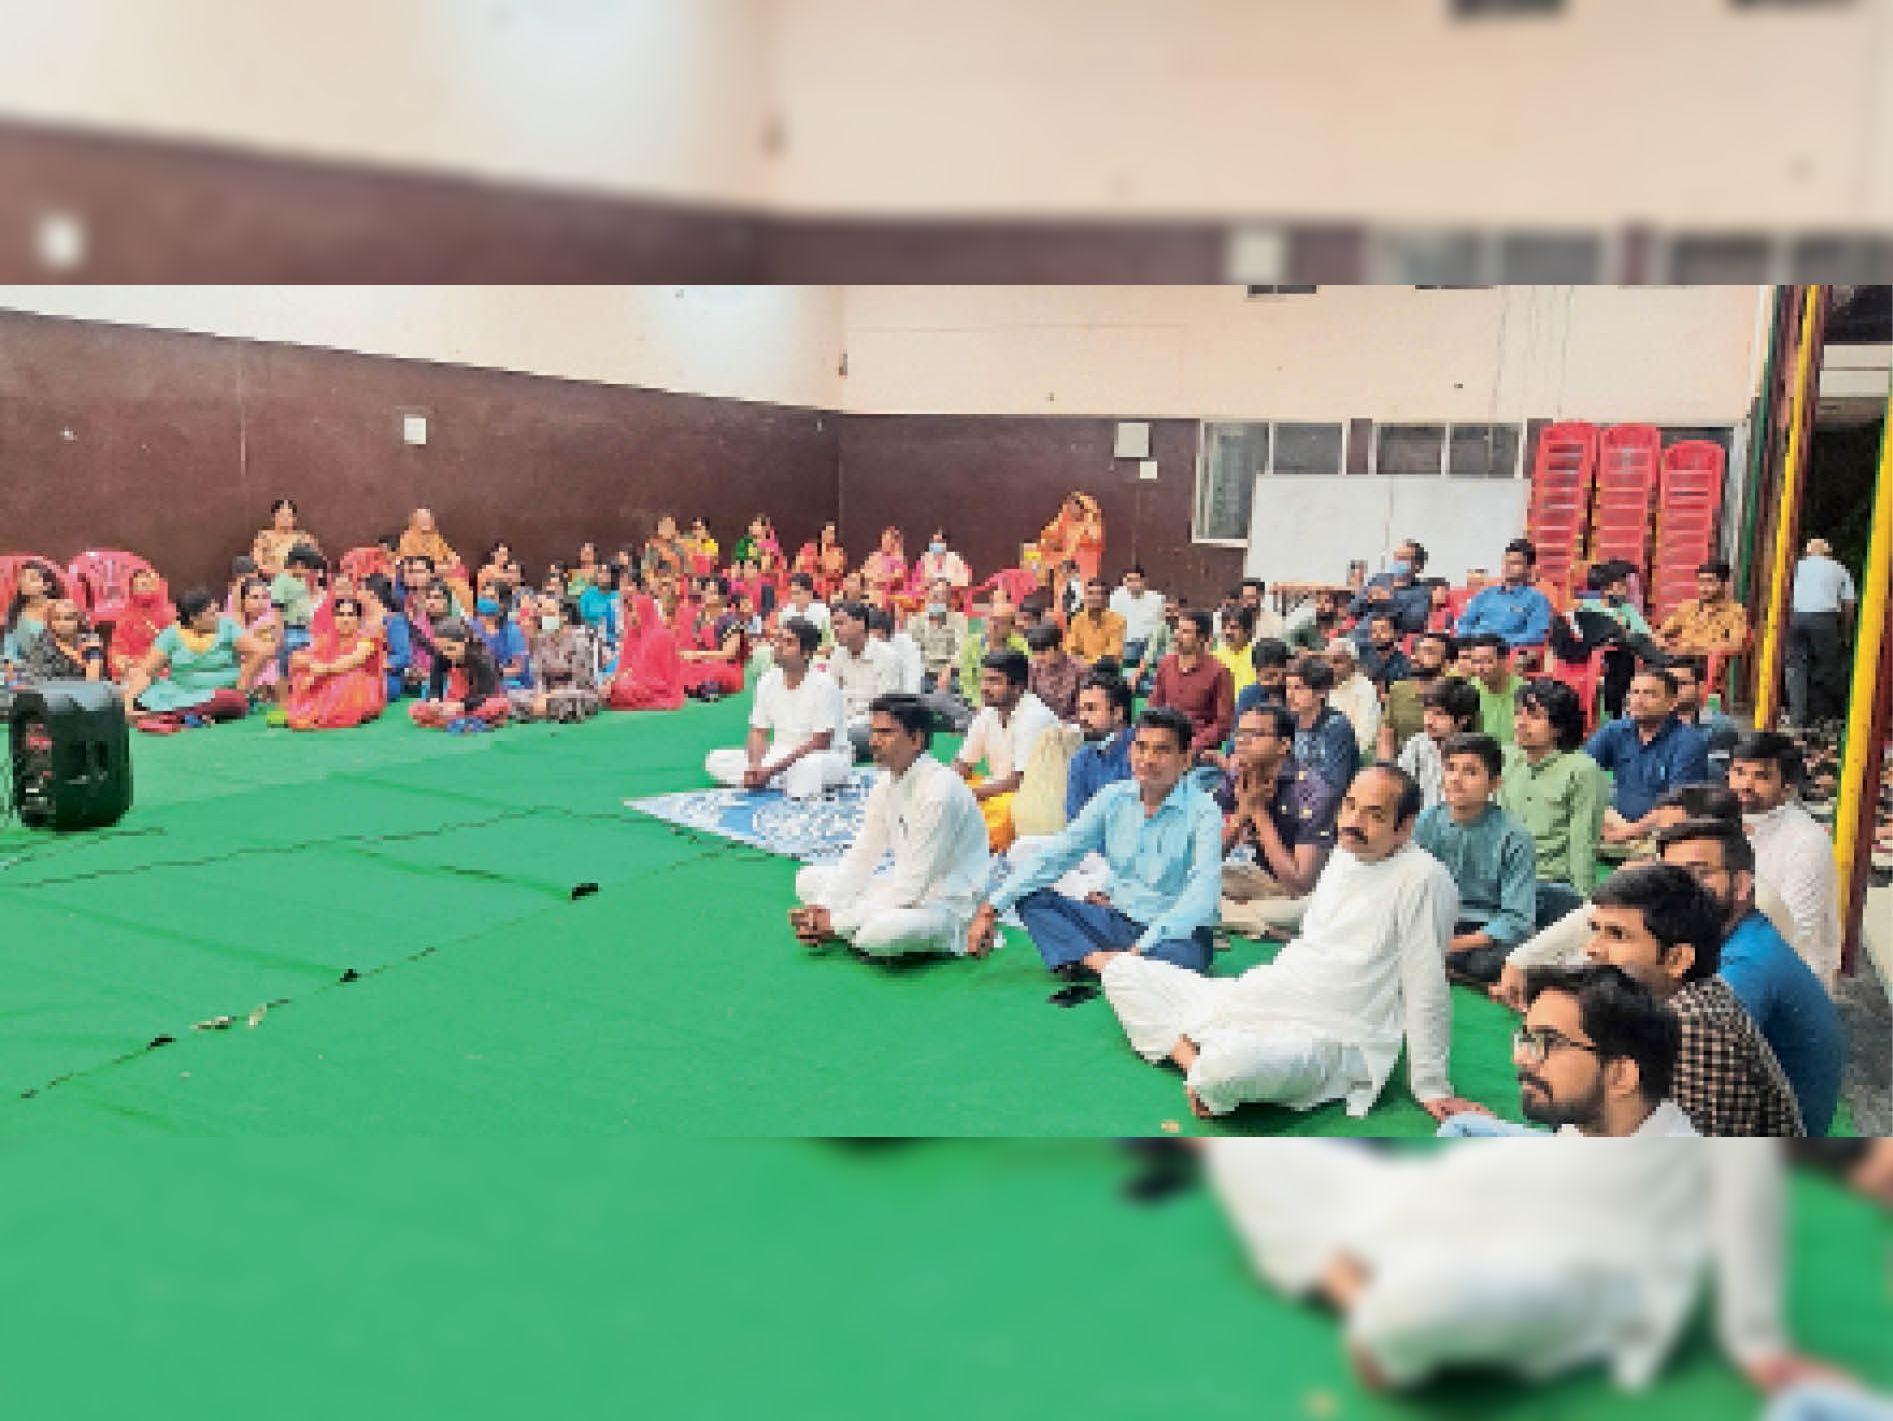 राधाष्टमी के प्रसंग पर आयोजित धर्मसभा में मौजूद श्रद्धालुजन। - Dainik Bhaskar